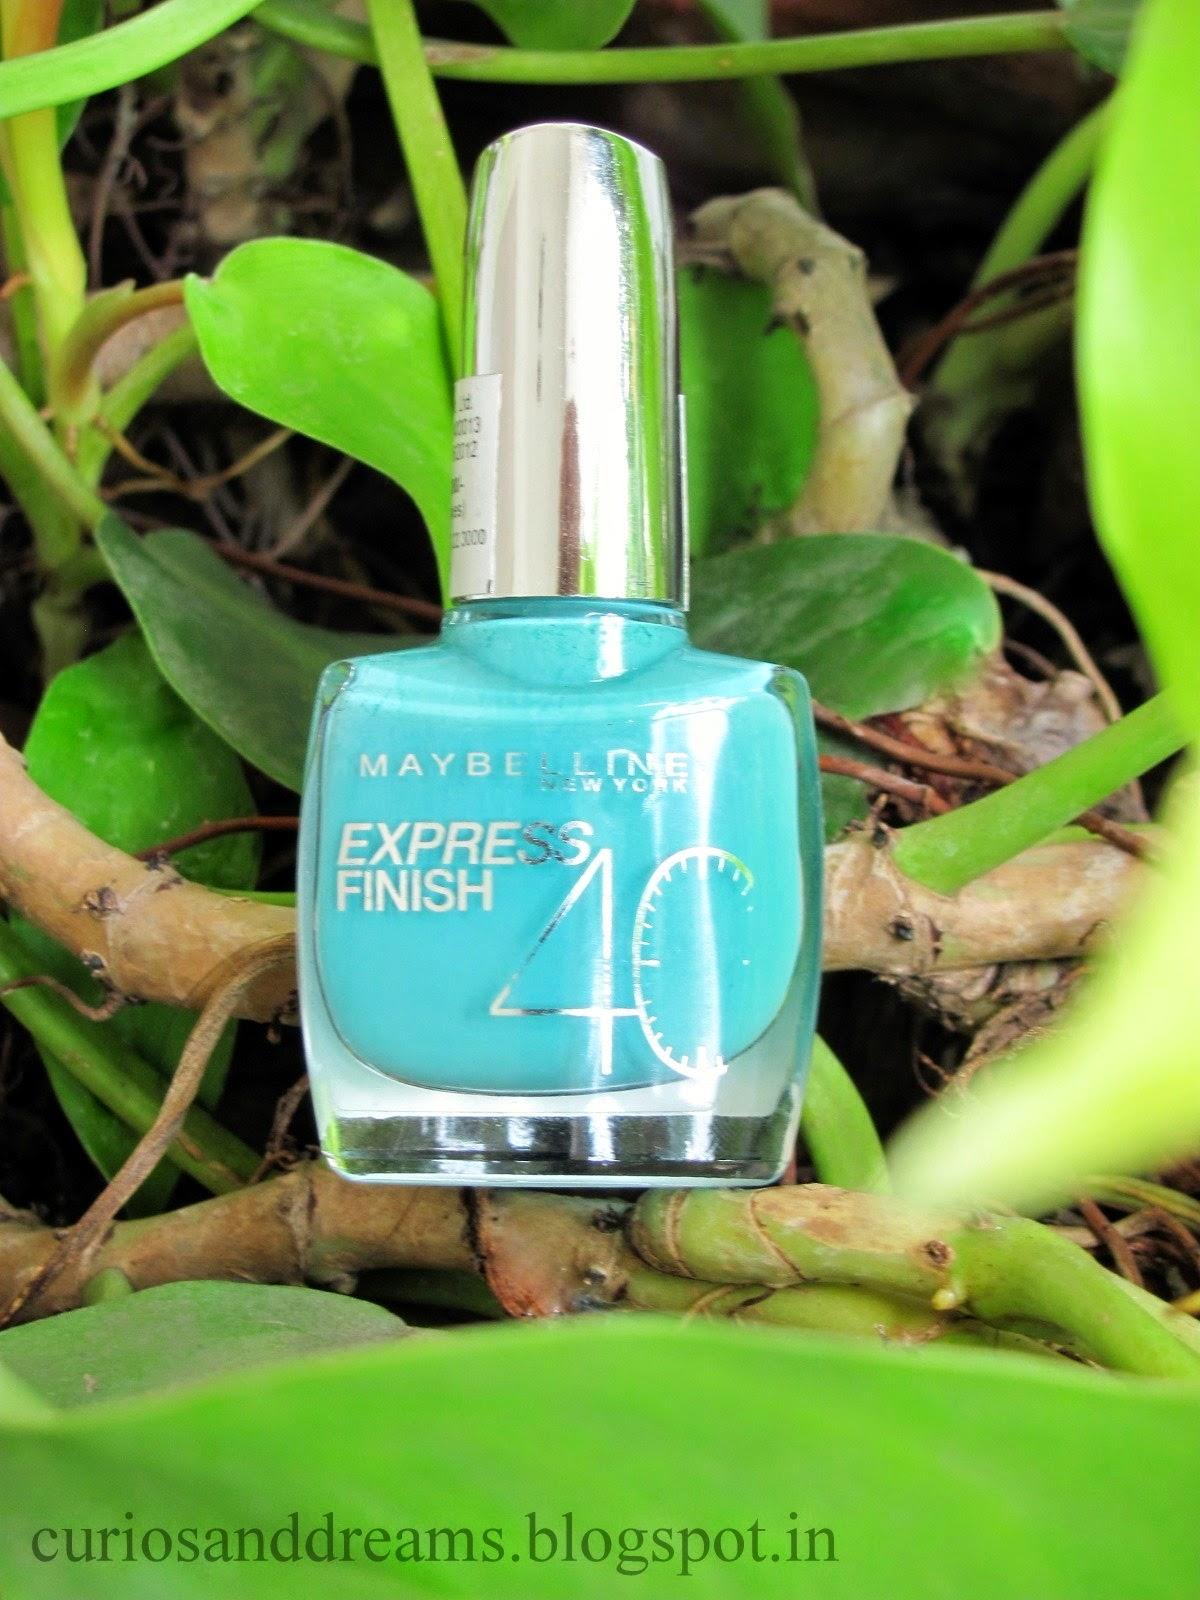 Maybelline Express Finish Nail Enamel Turquoise Lagoon Review, Maybelline Express Finish Nail Enamel Turquoise Lagoon NOTD